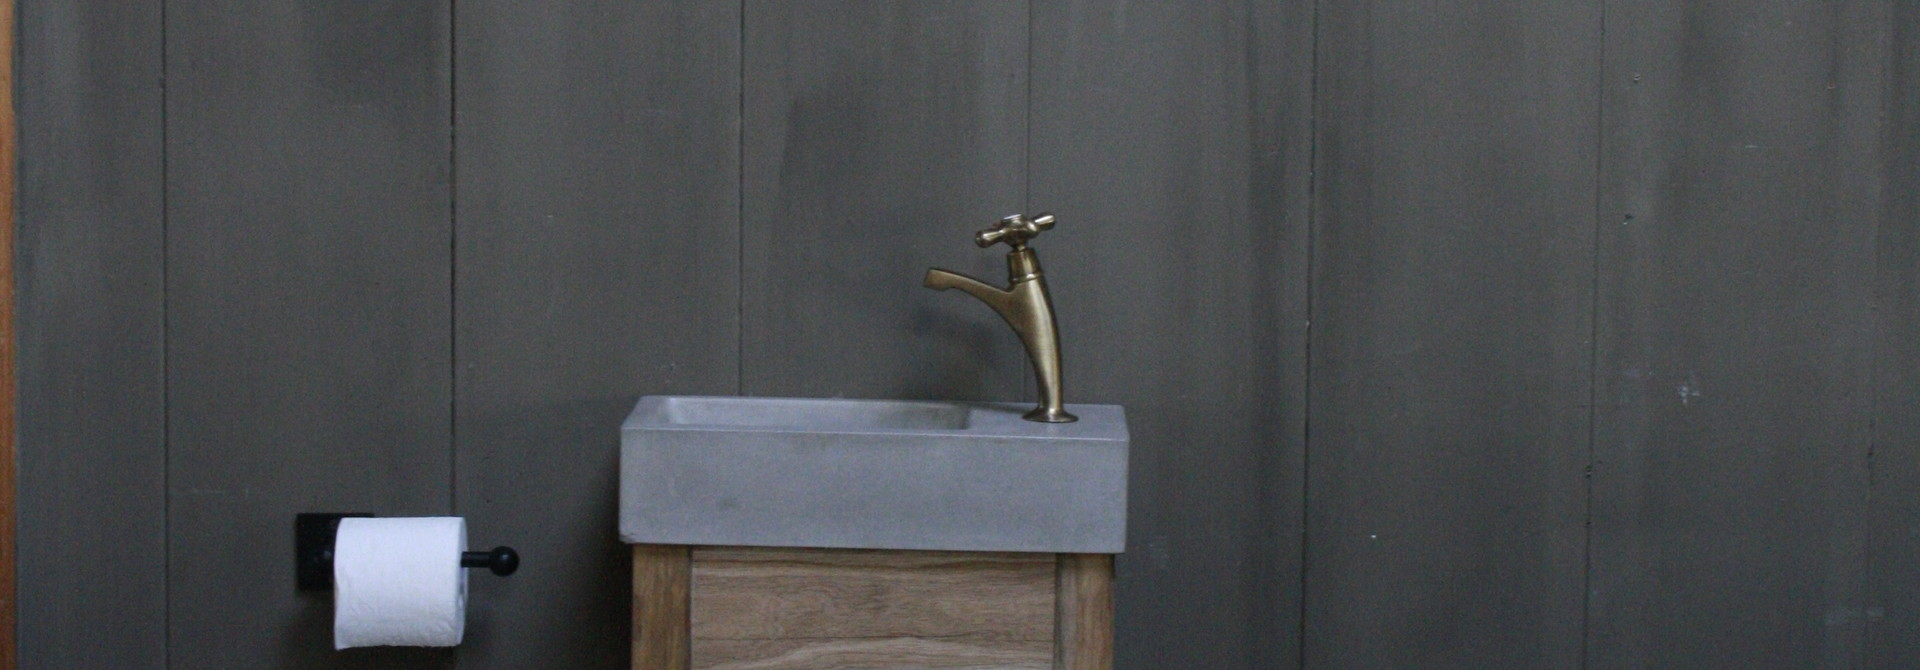 Eikenhouten toiletspiegel Light 53 x 38 cm